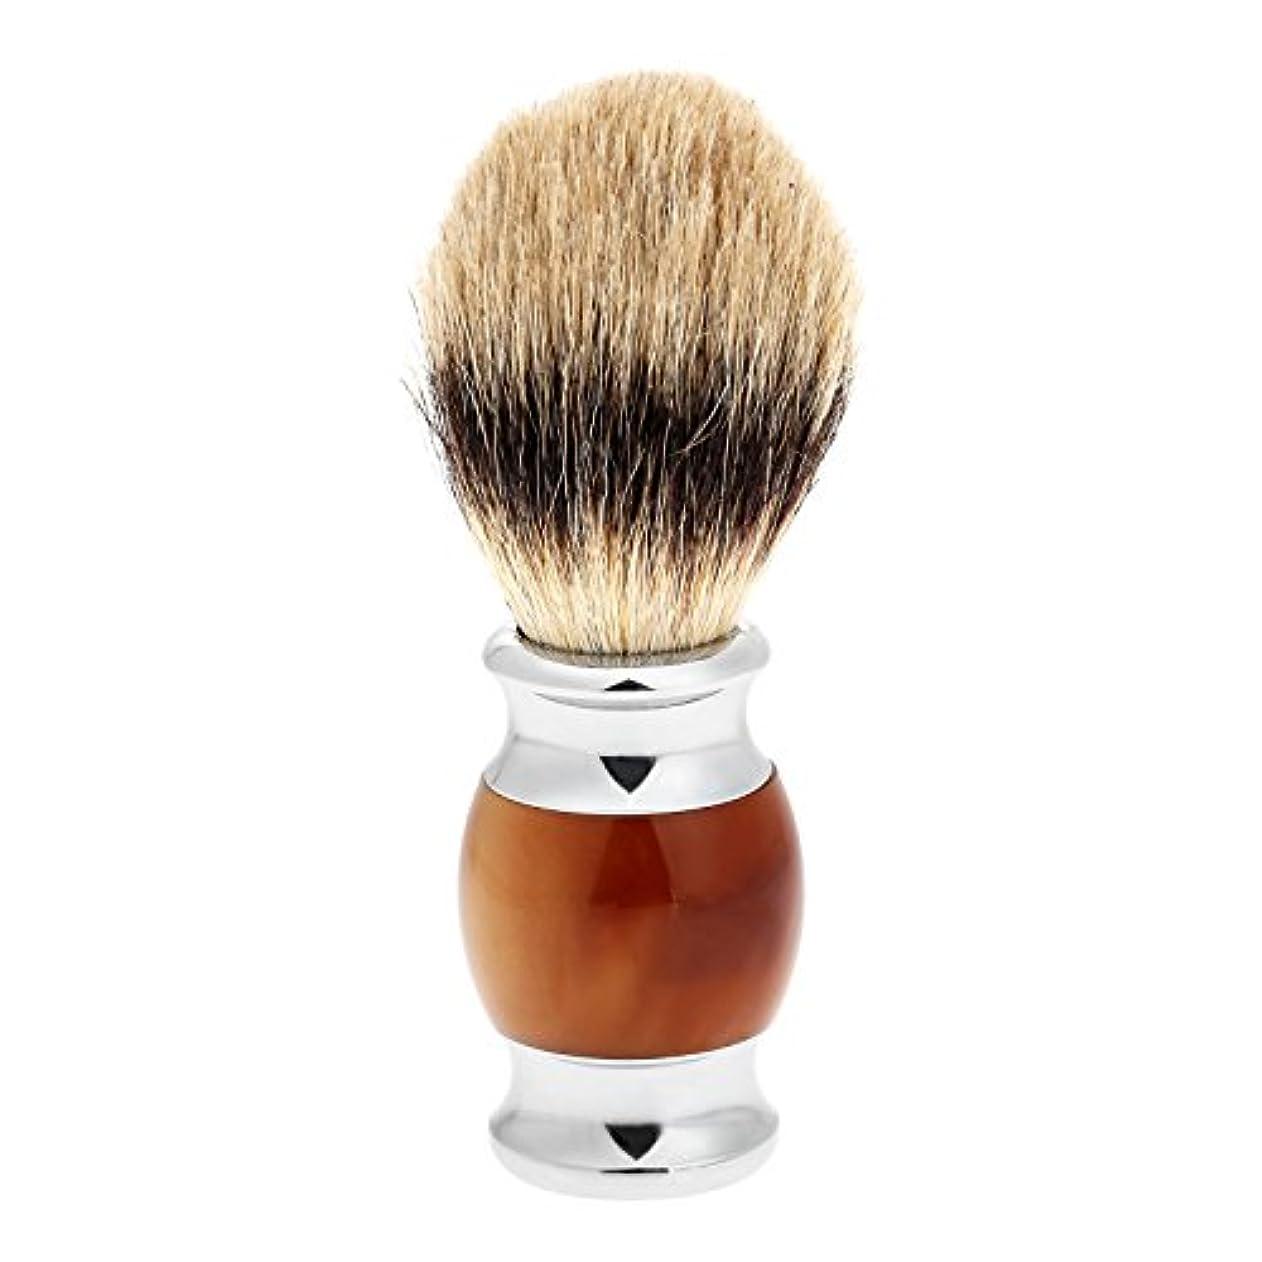 時刻表ホステル文法1PC メンズ ひげブラシ アナグマ毛 シェービングブラシ バーバー シェービング用ブラシ 理容 洗顔 髭剃り